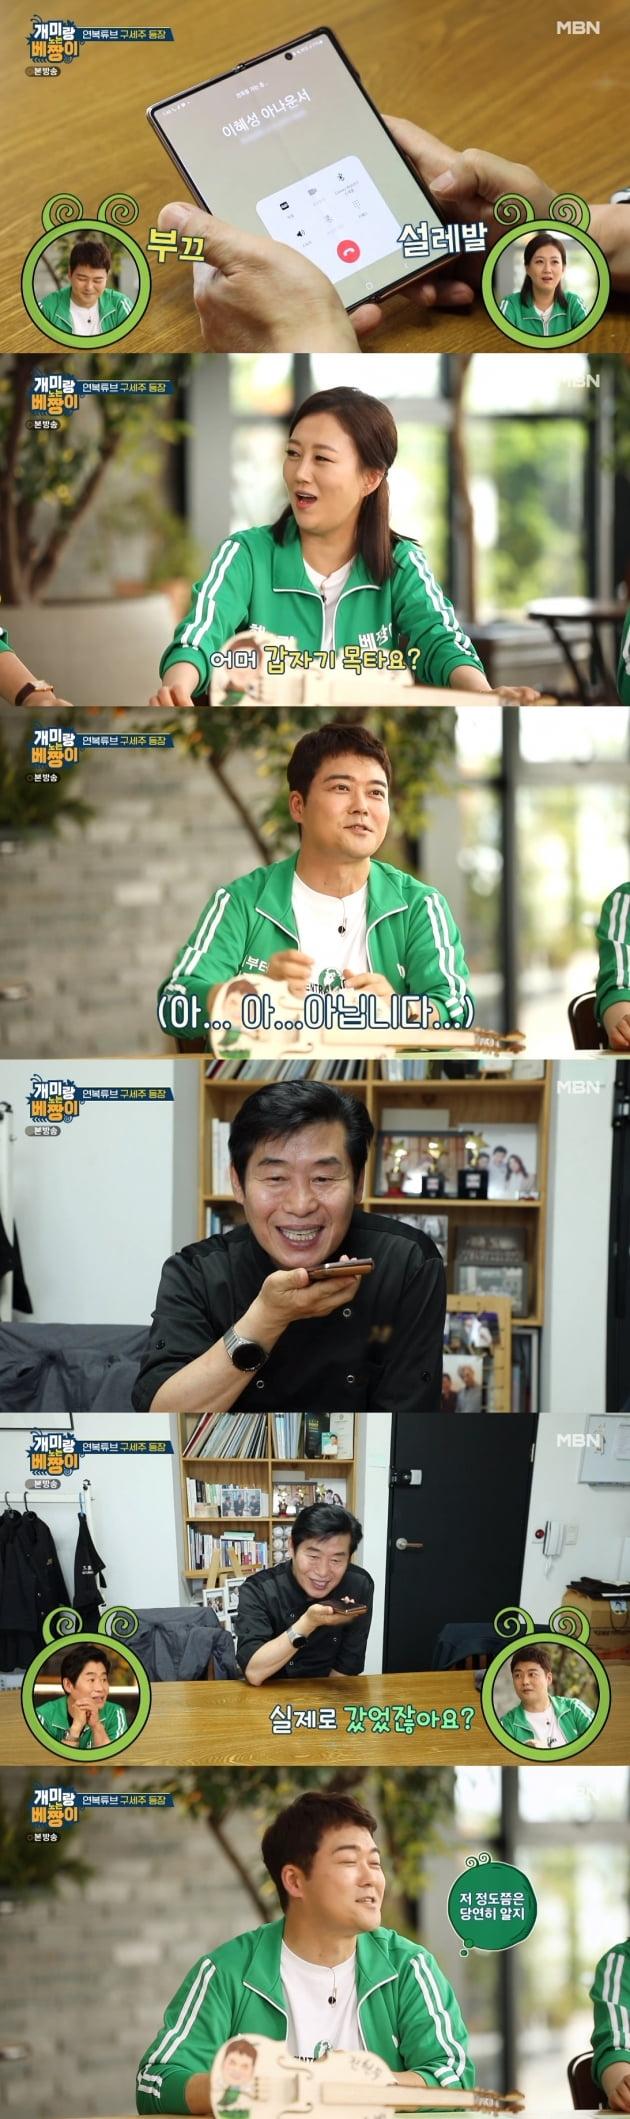 /사진 = MBN '개미랑 노는 베짱이' 방송화면